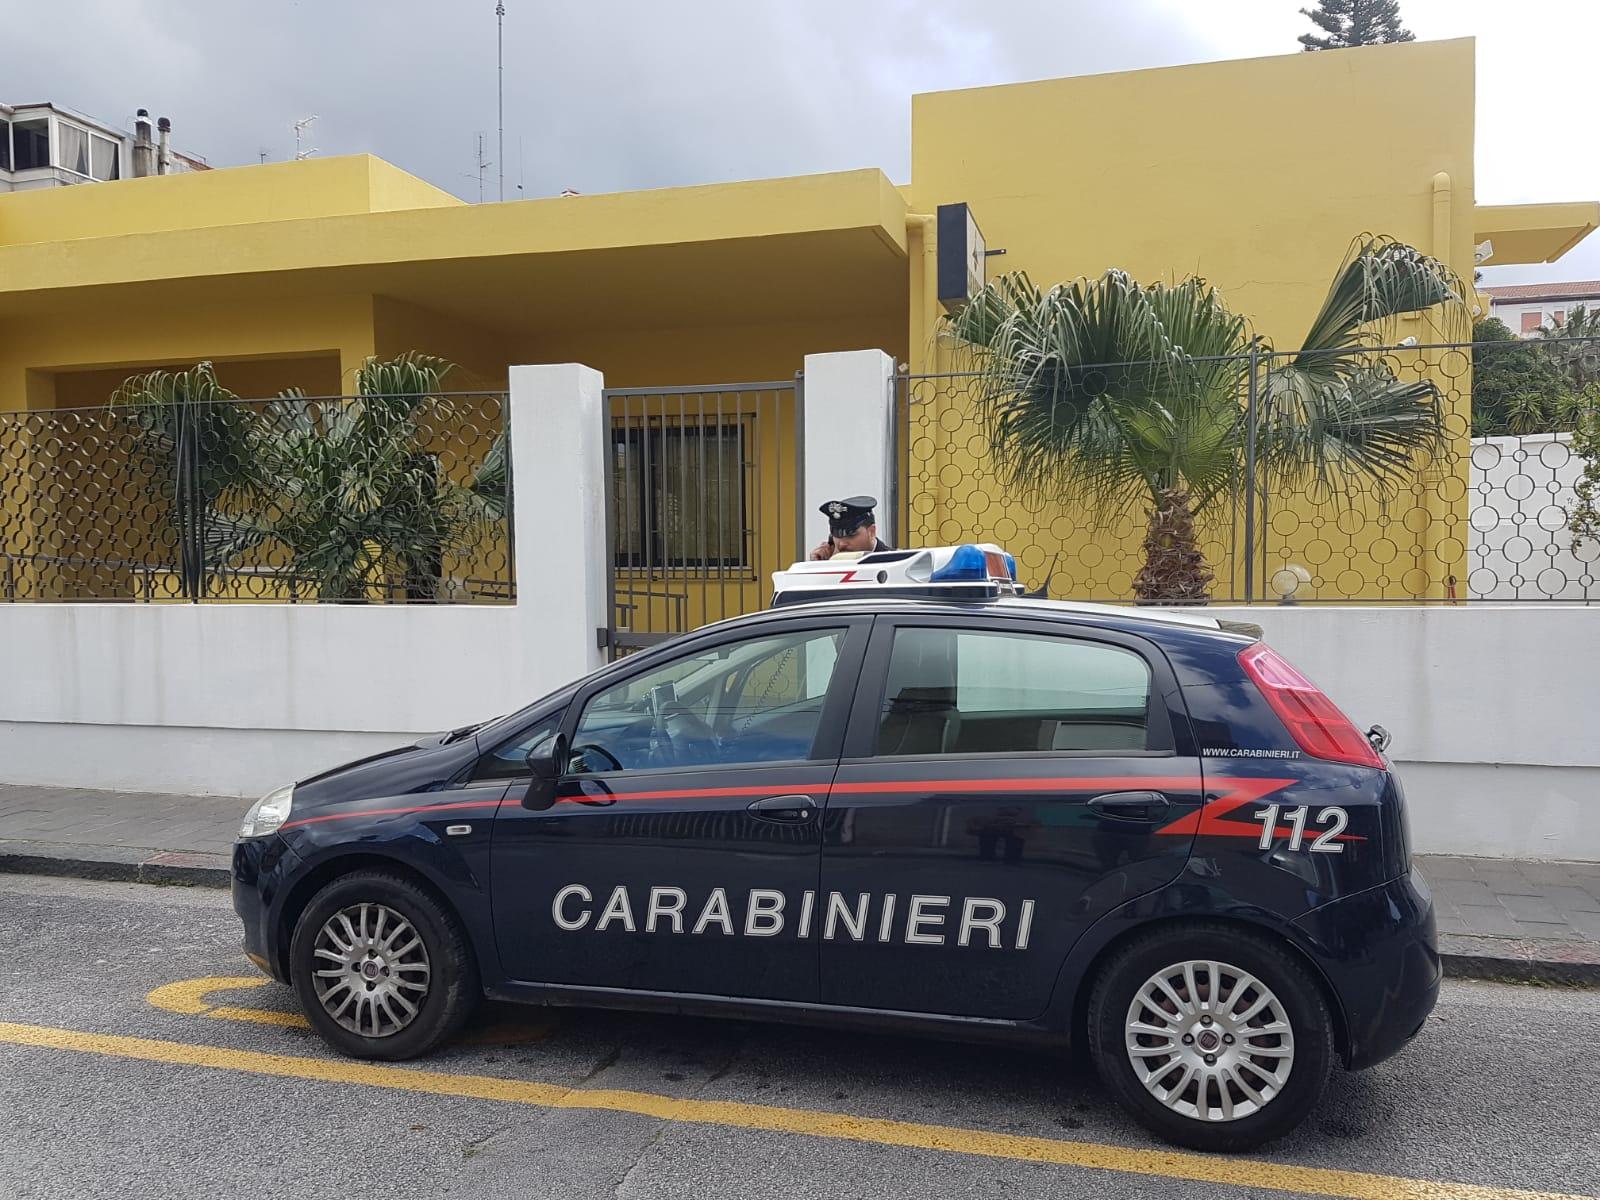 San Filippo del Mela. Evade dagli arresti domiciliari, arrestato dai Carabinieri